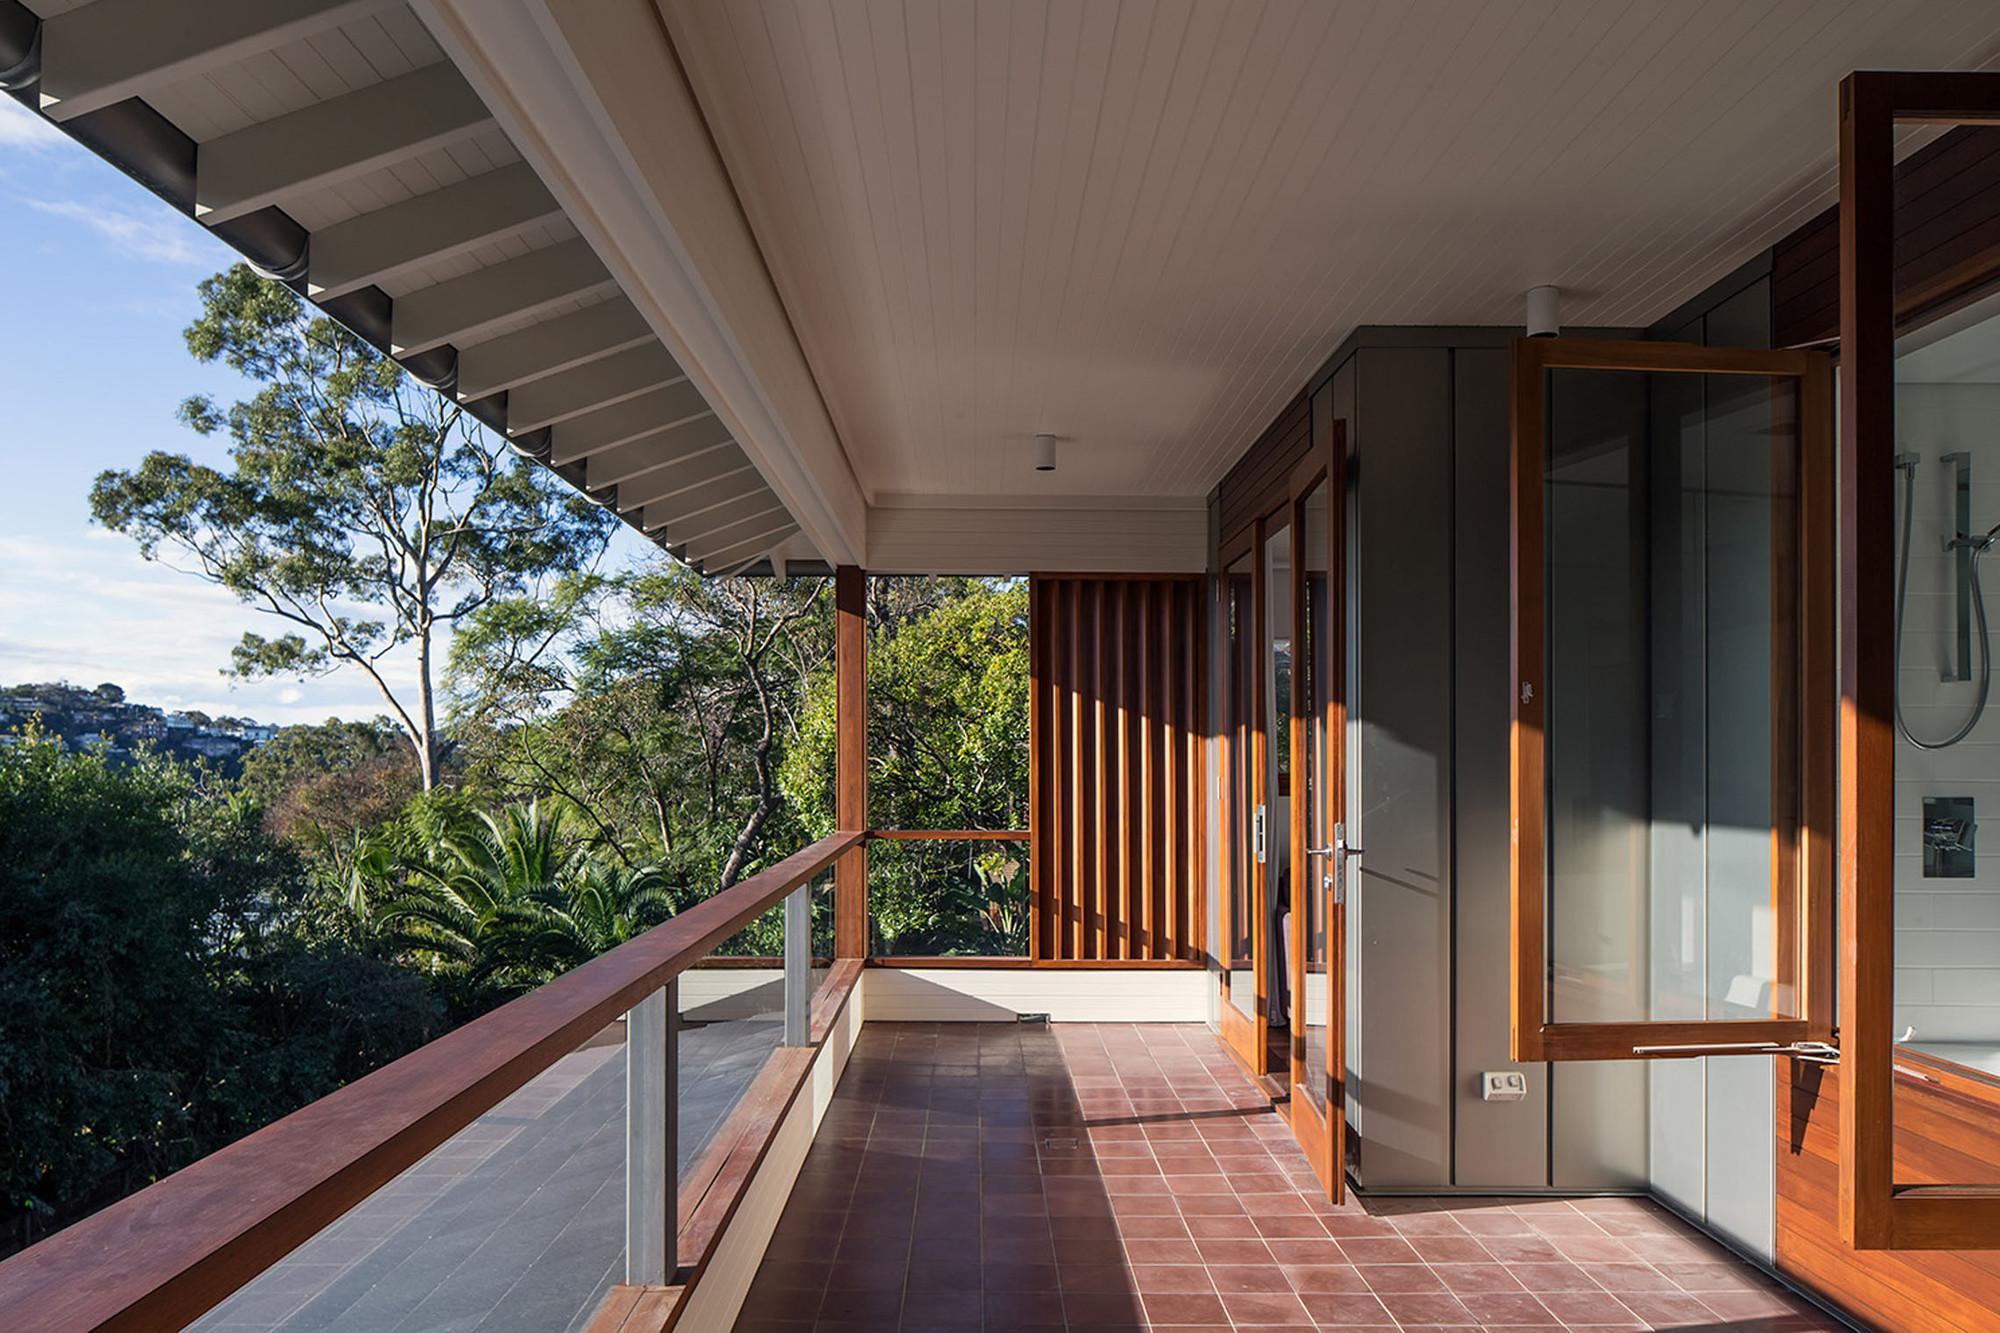 Балконы частных домов дизайн. - фото отчет - каталог статей .